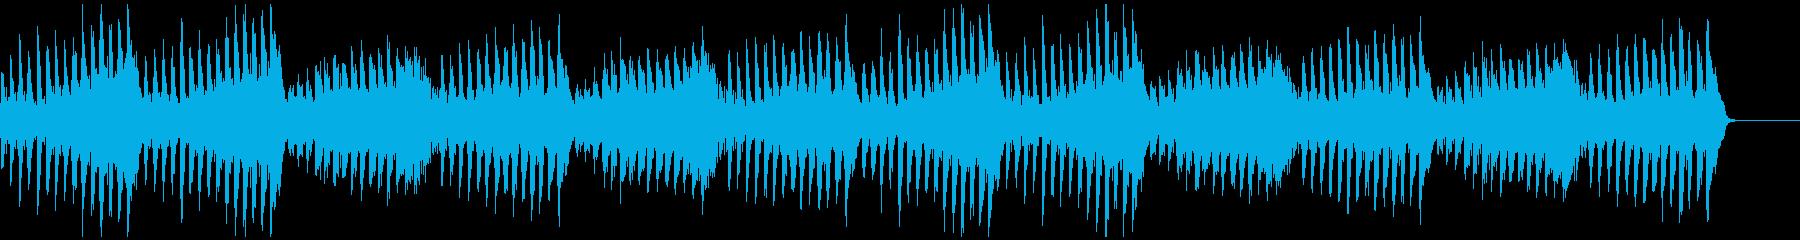 躍動的な『きらきら星』2の再生済みの波形